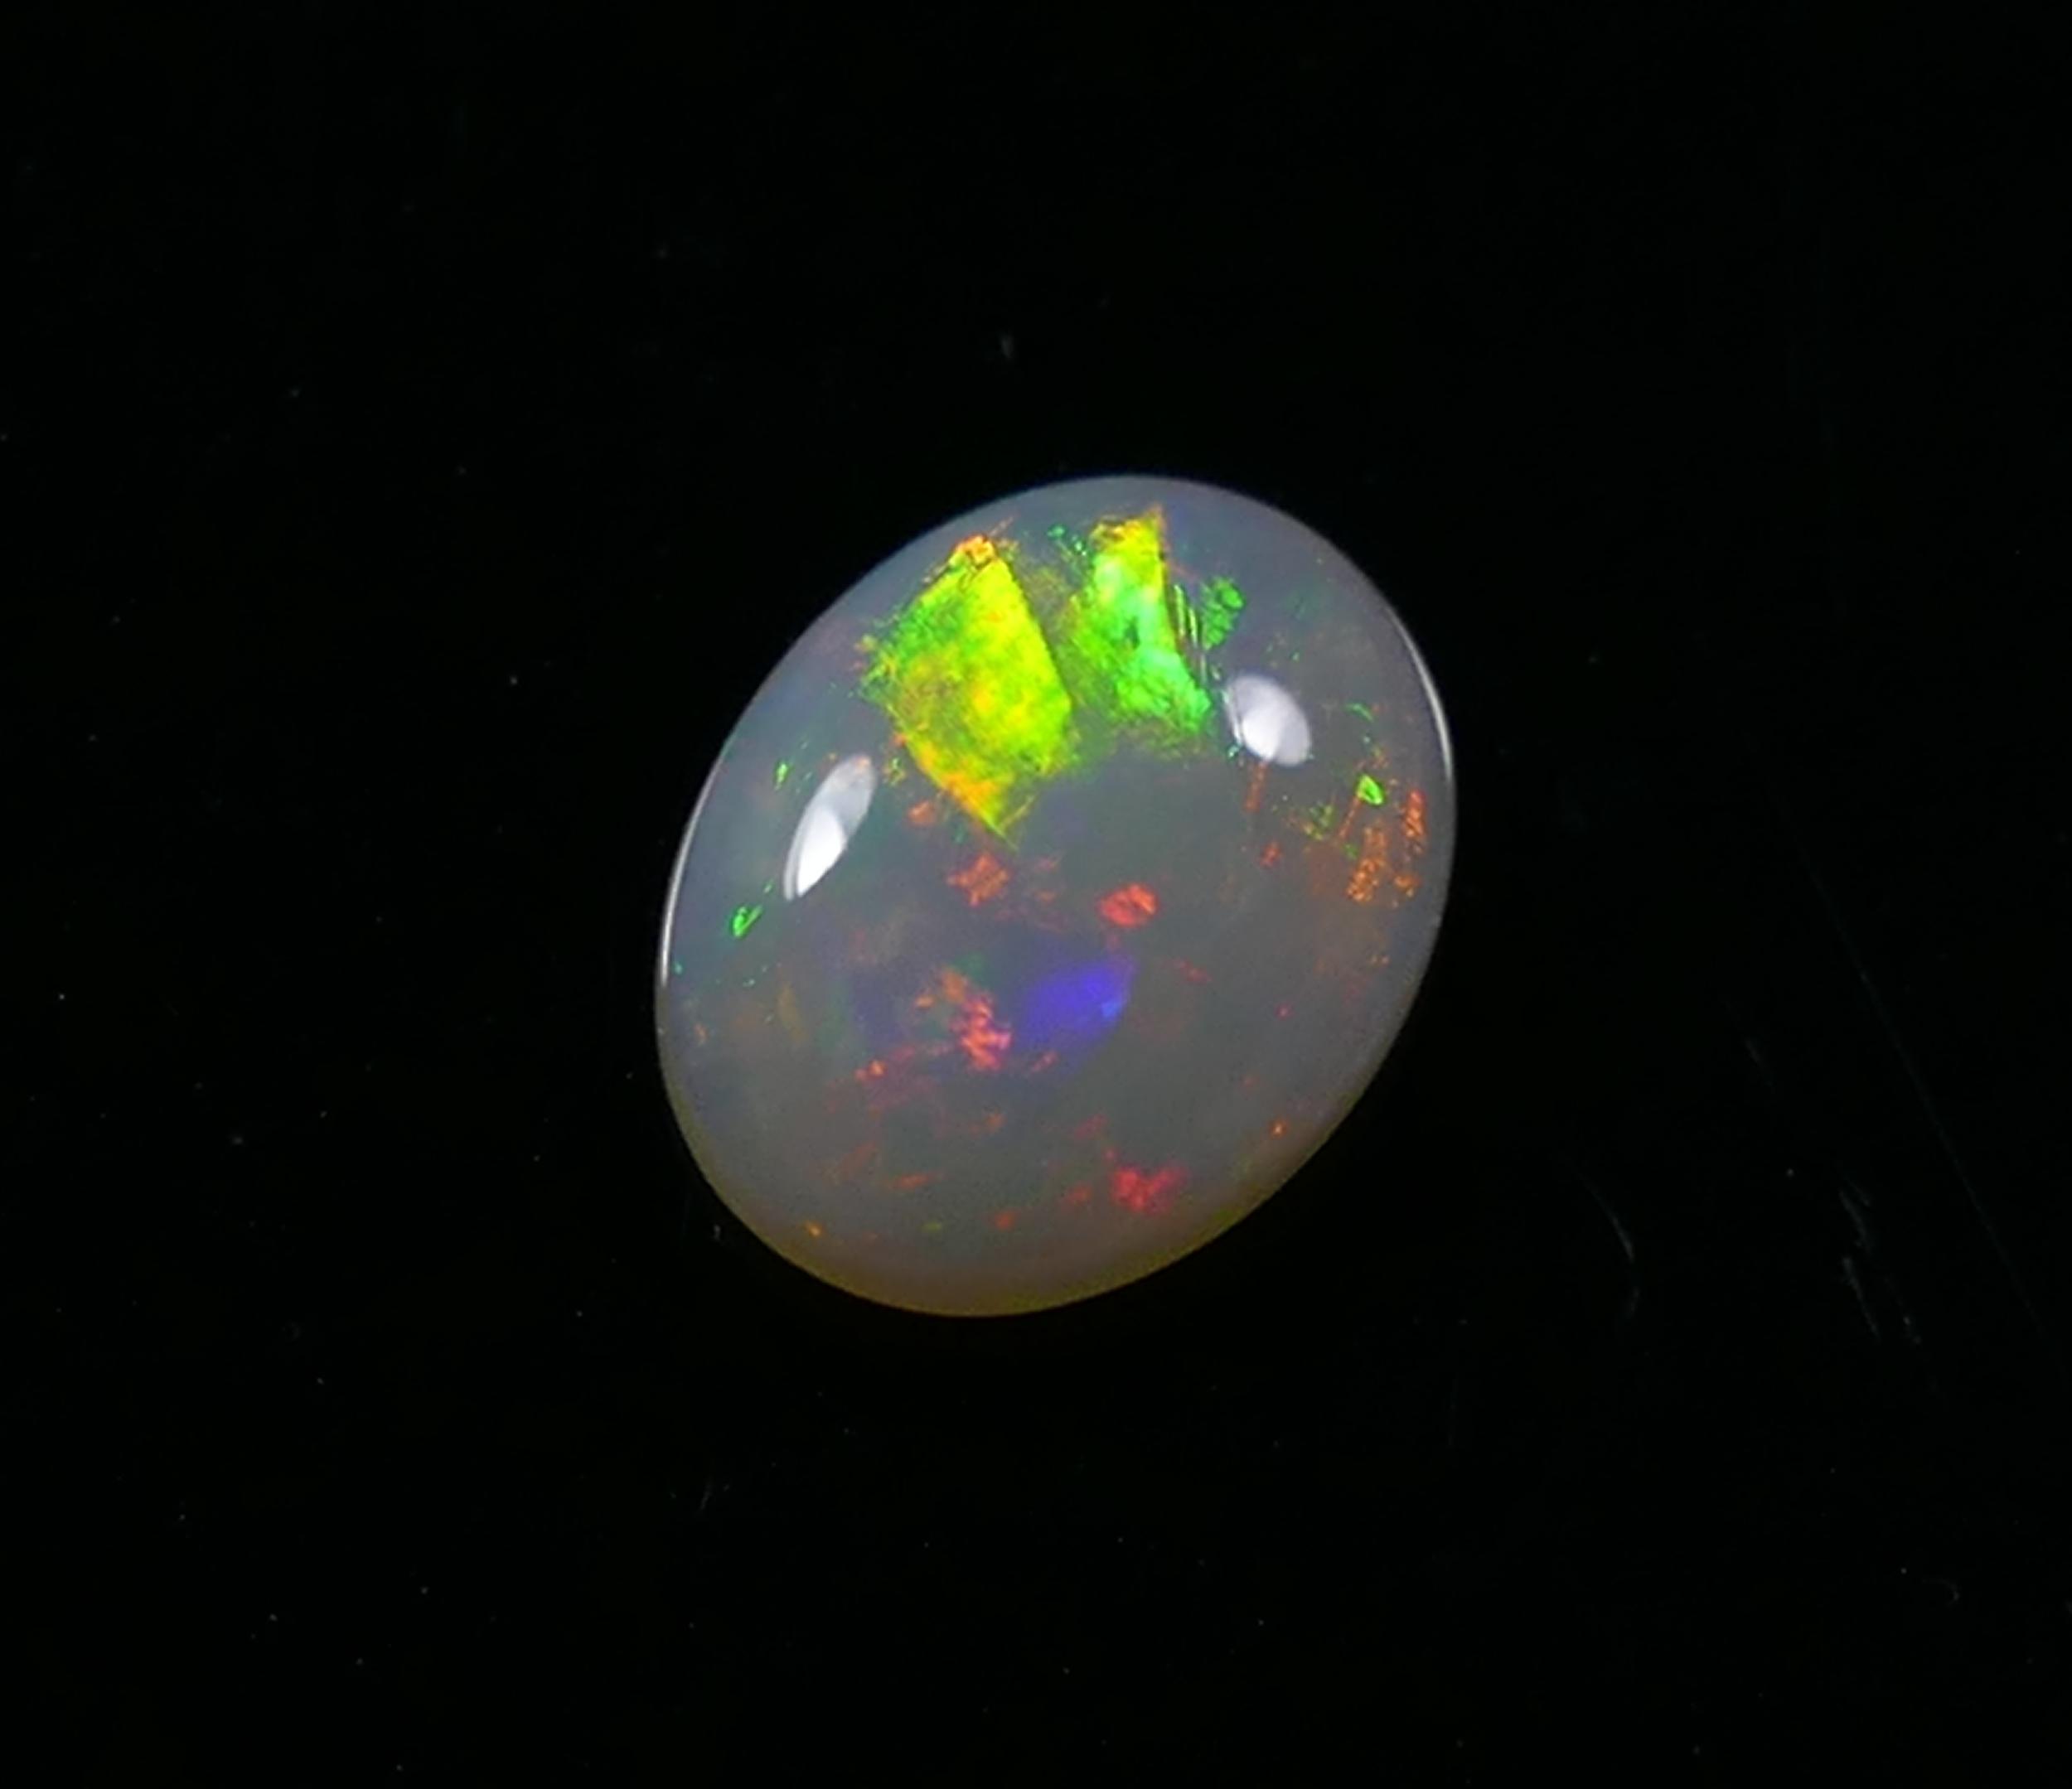 9x7mm Jolie Opale blanche massive naturelle de Coober Pedy en Australie 1.17ct cabochon ovale pour pendentif bague (#PB65)